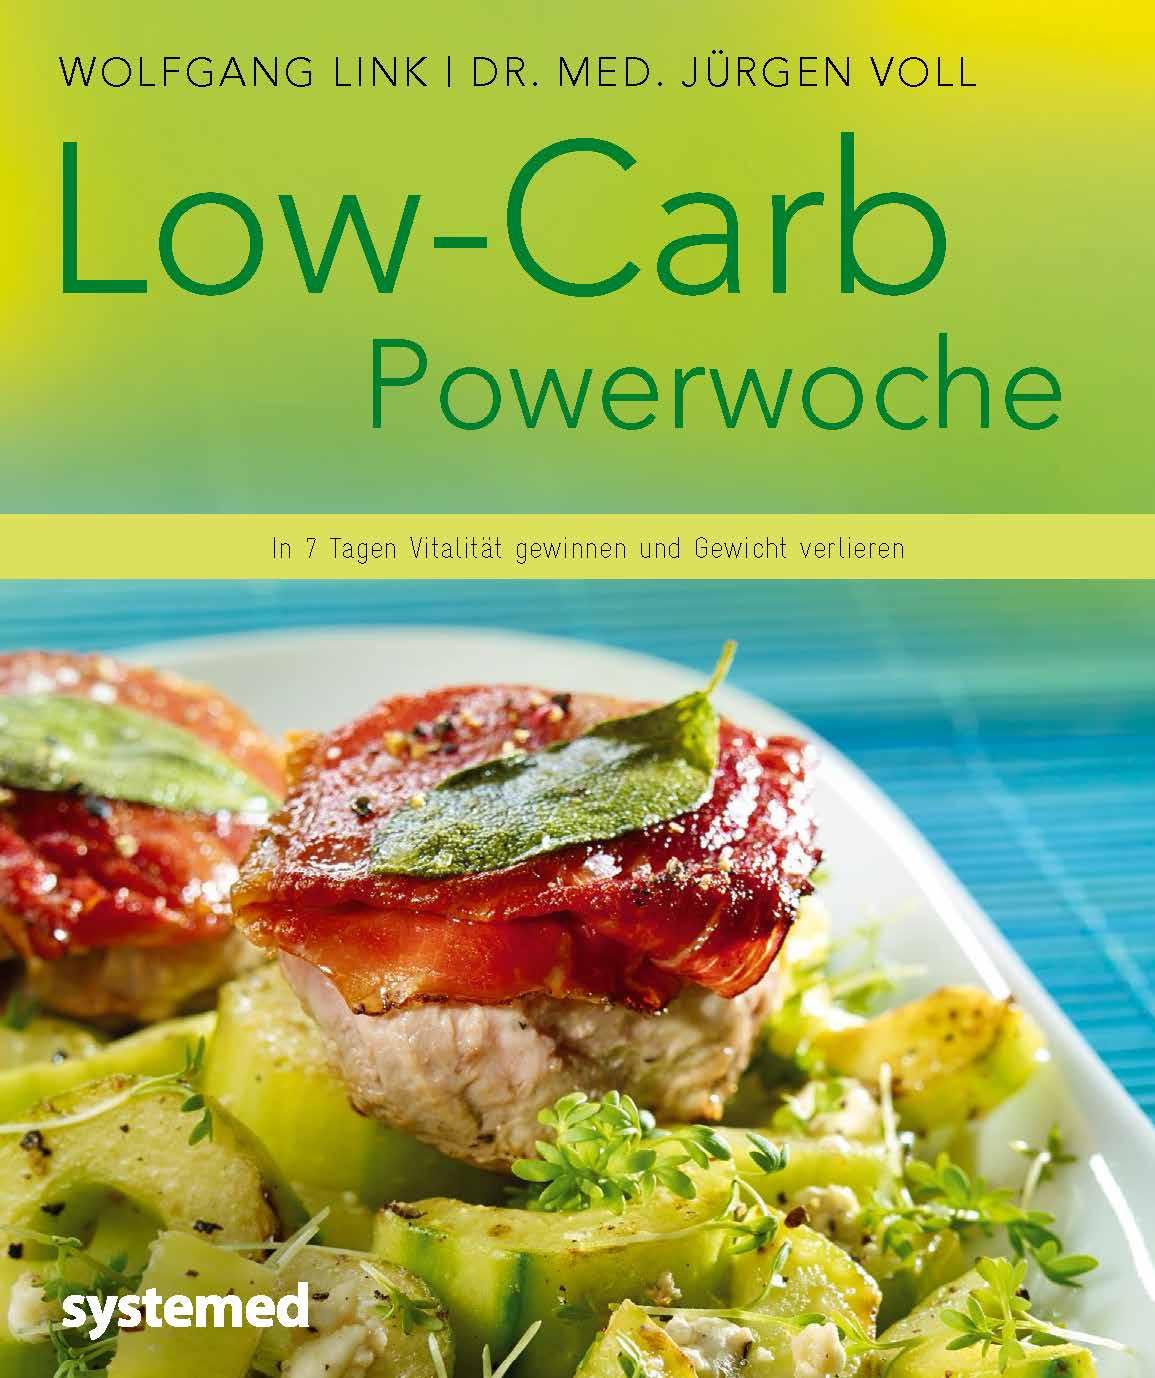 Low-Carb-Powerwoche: In 7 Tagen Vitalität gewinnen und Gewicht verlieren - Jürgen Voll [Broschiert]